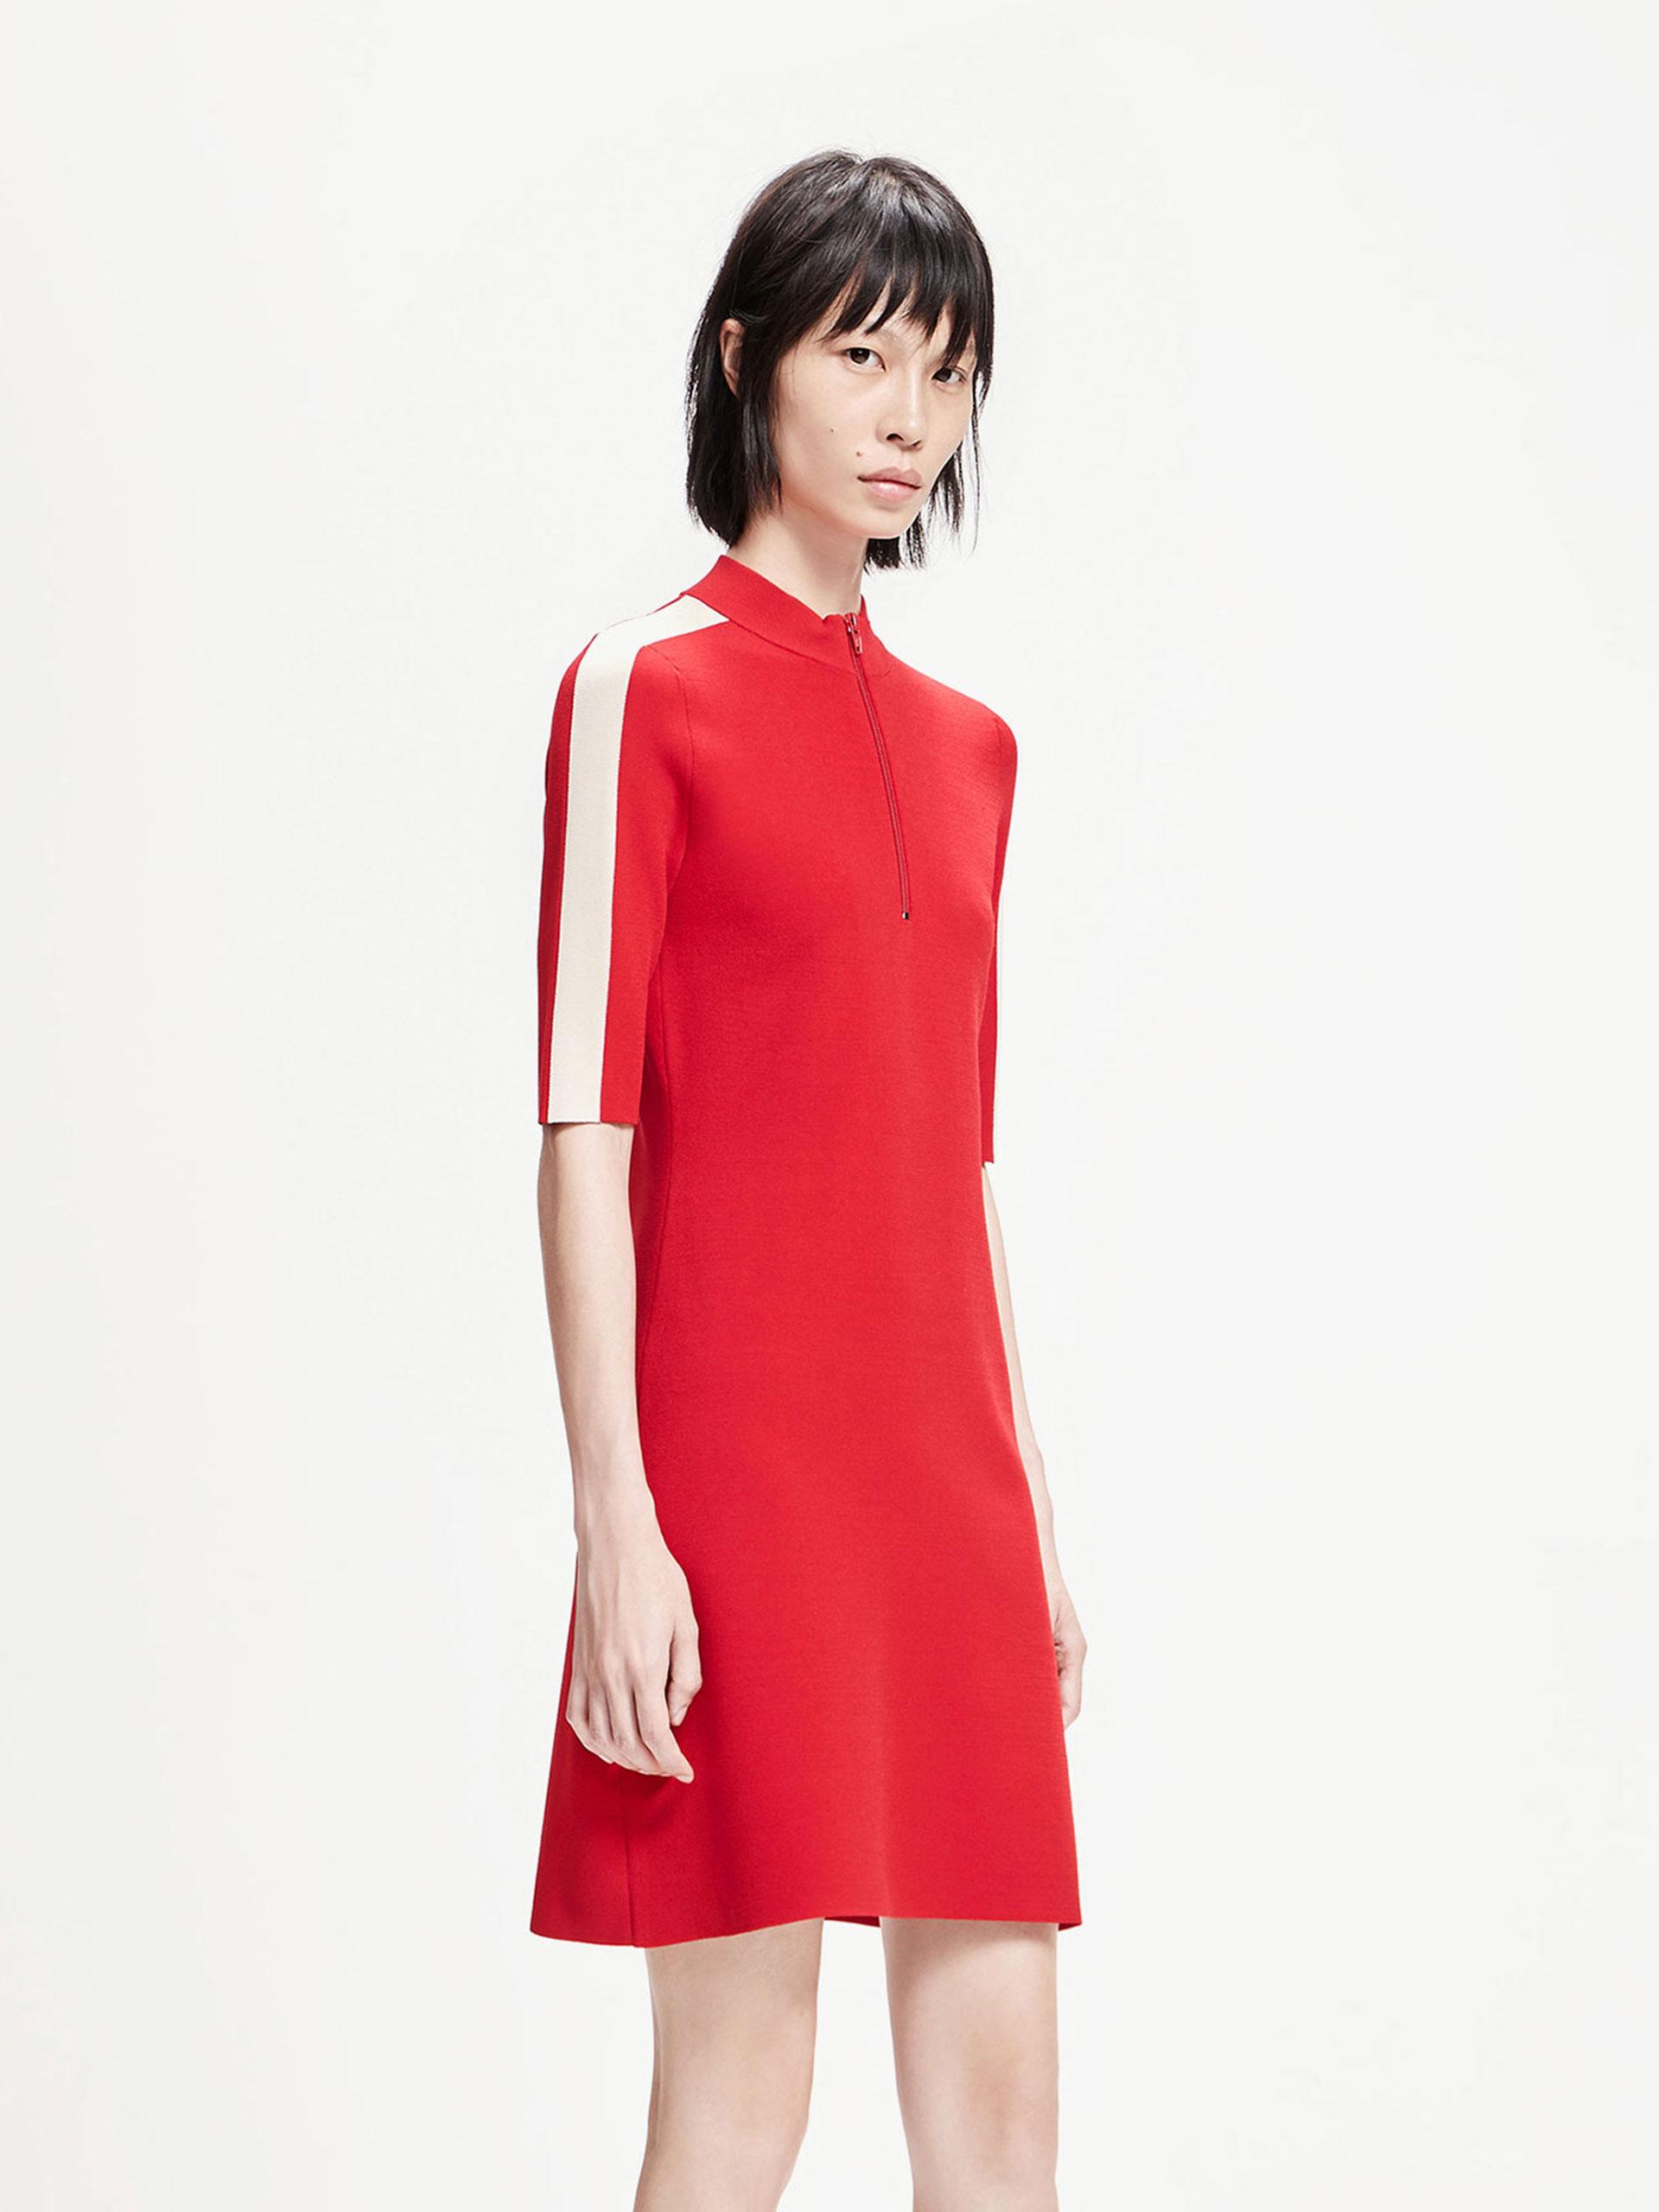 「春季新品」拉链立领连衣裙